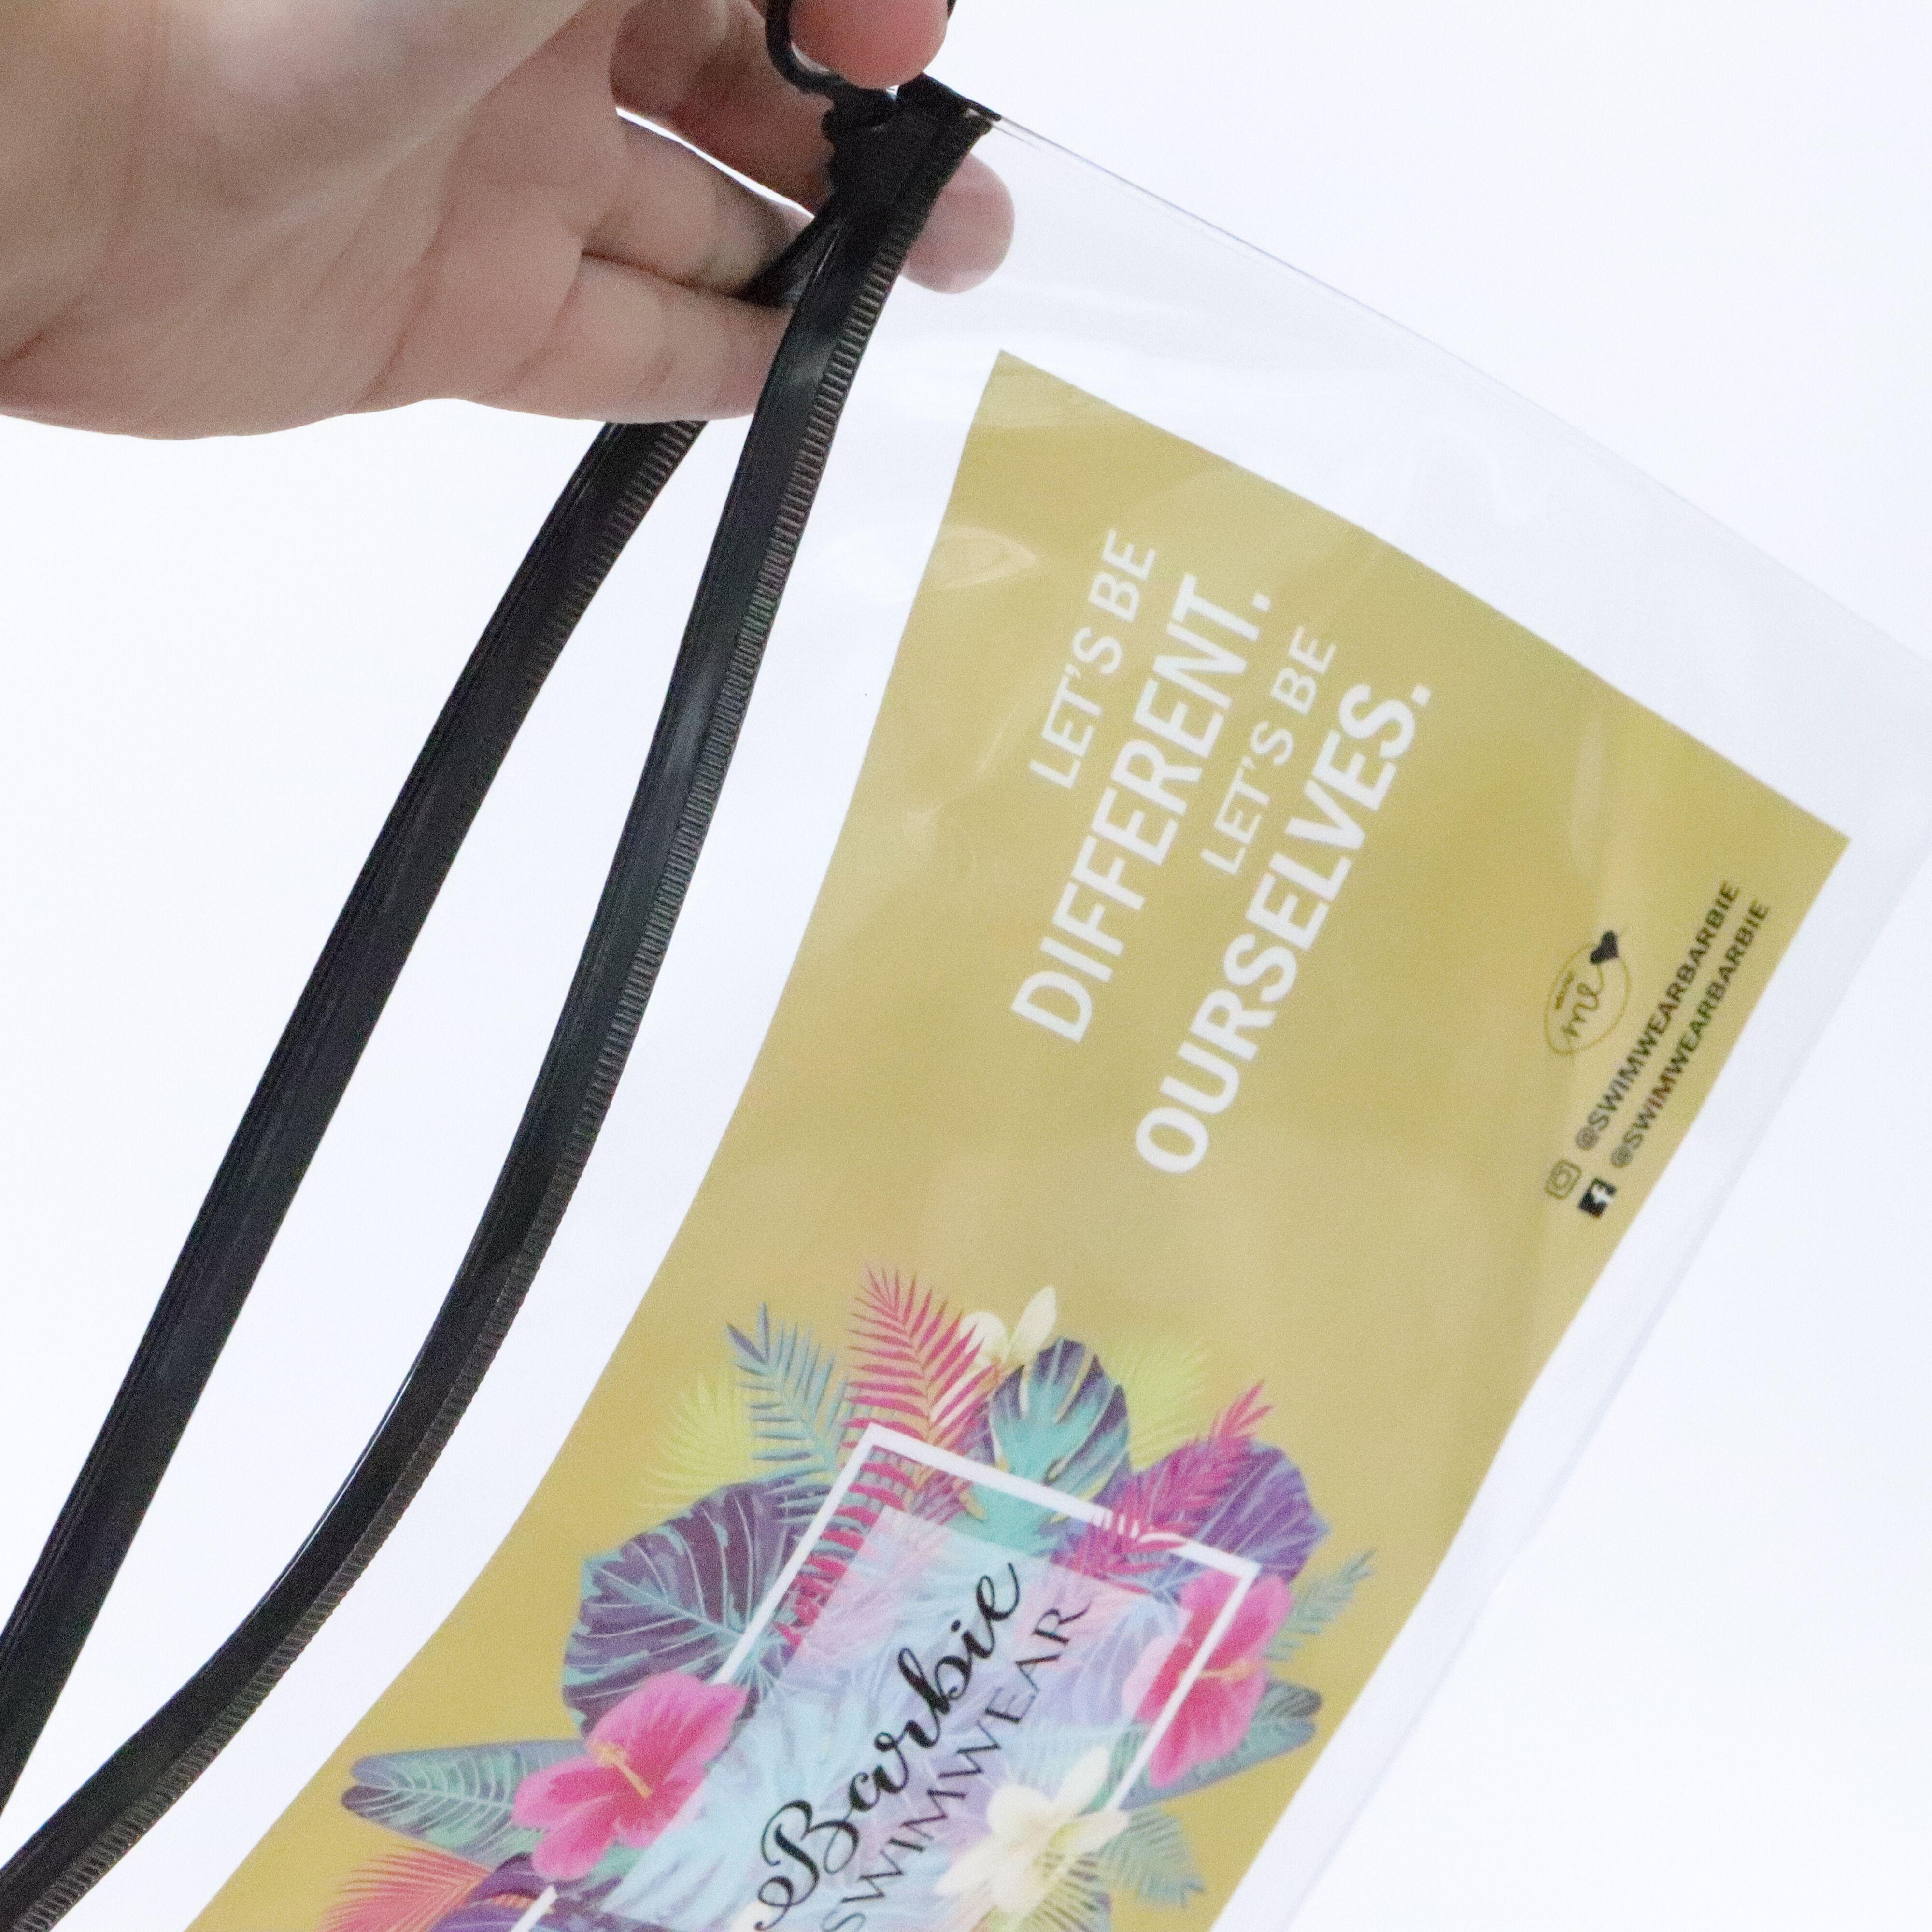 Dapat Didaur Ulang Kustom Merek Warna-warni LOGO PVC Zipper Slider Kemasan Kantong Plastik untuk Pakaian Kosmetik Perjalanan Ziplock Kantong